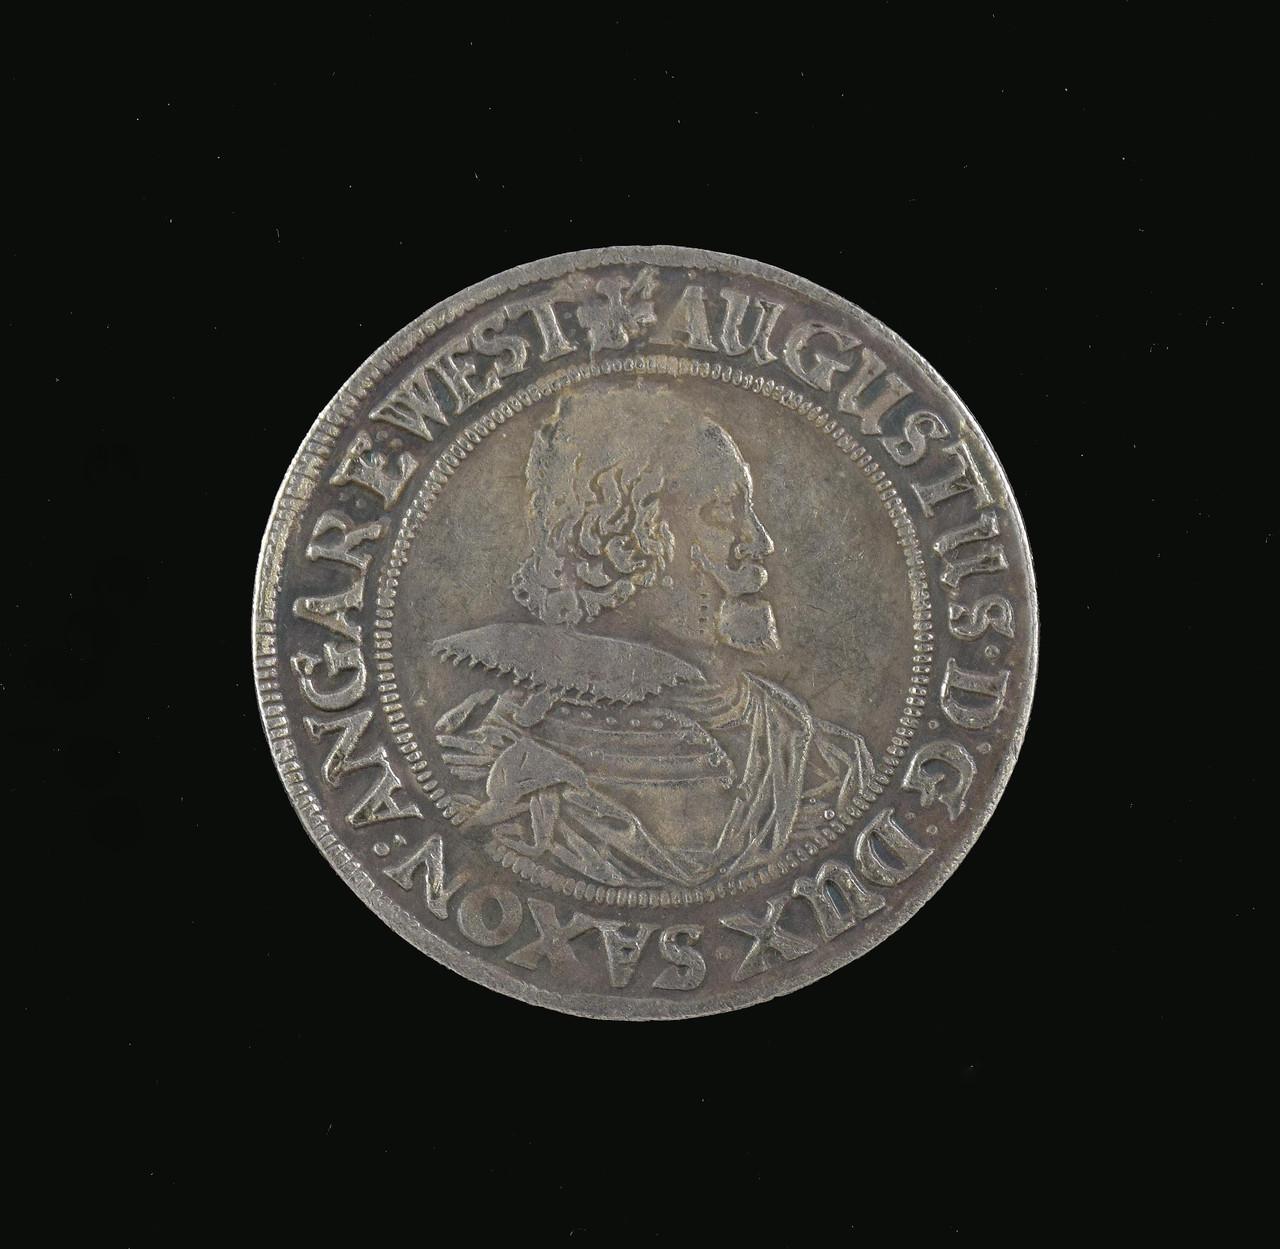 Талер 1620 года Август 2 Саксония копия монеты в серебре №279 копия